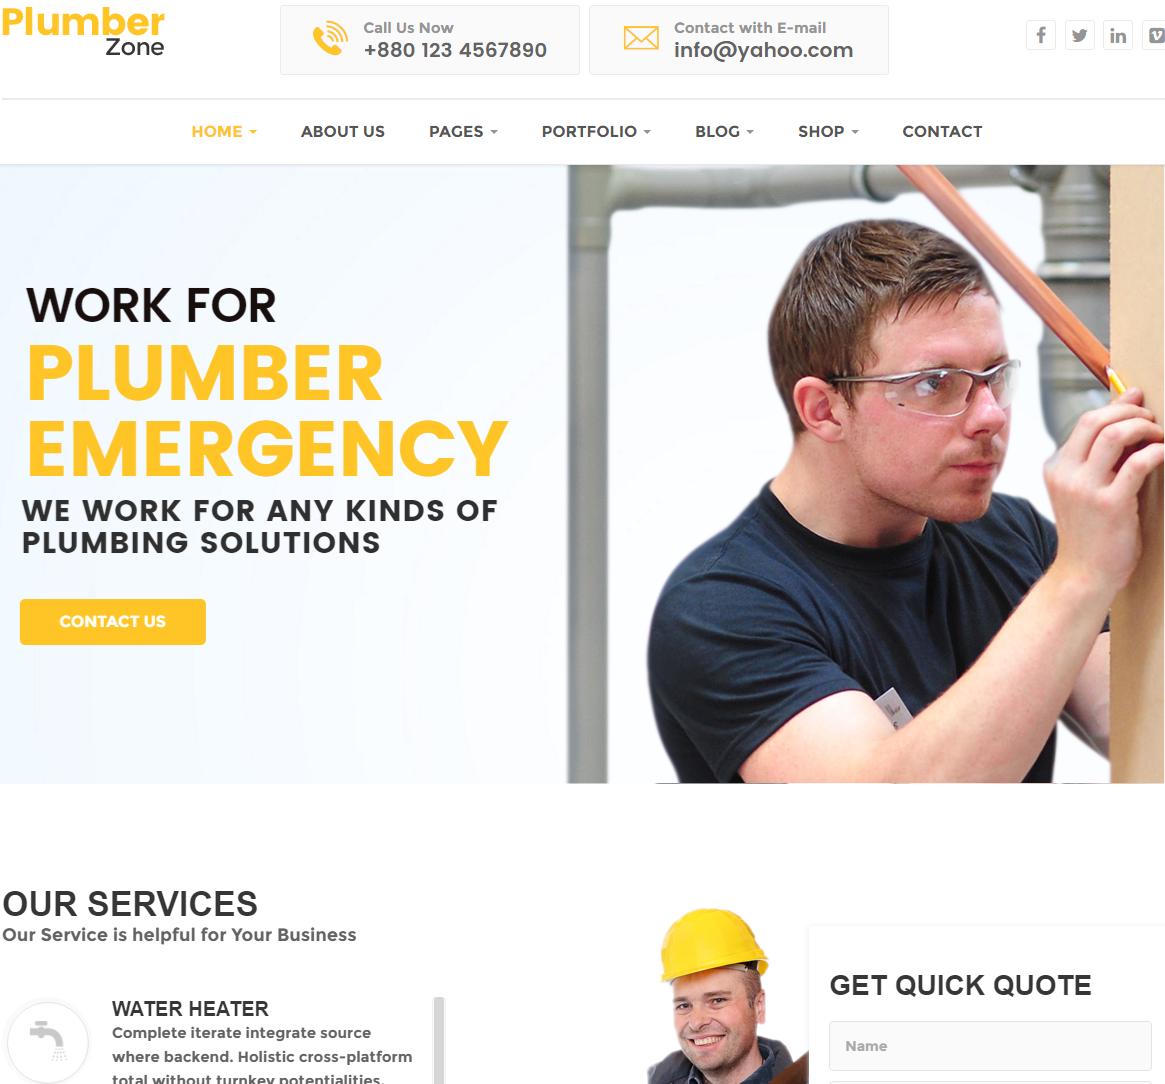 plumber-zone-premium-wordpress-theme